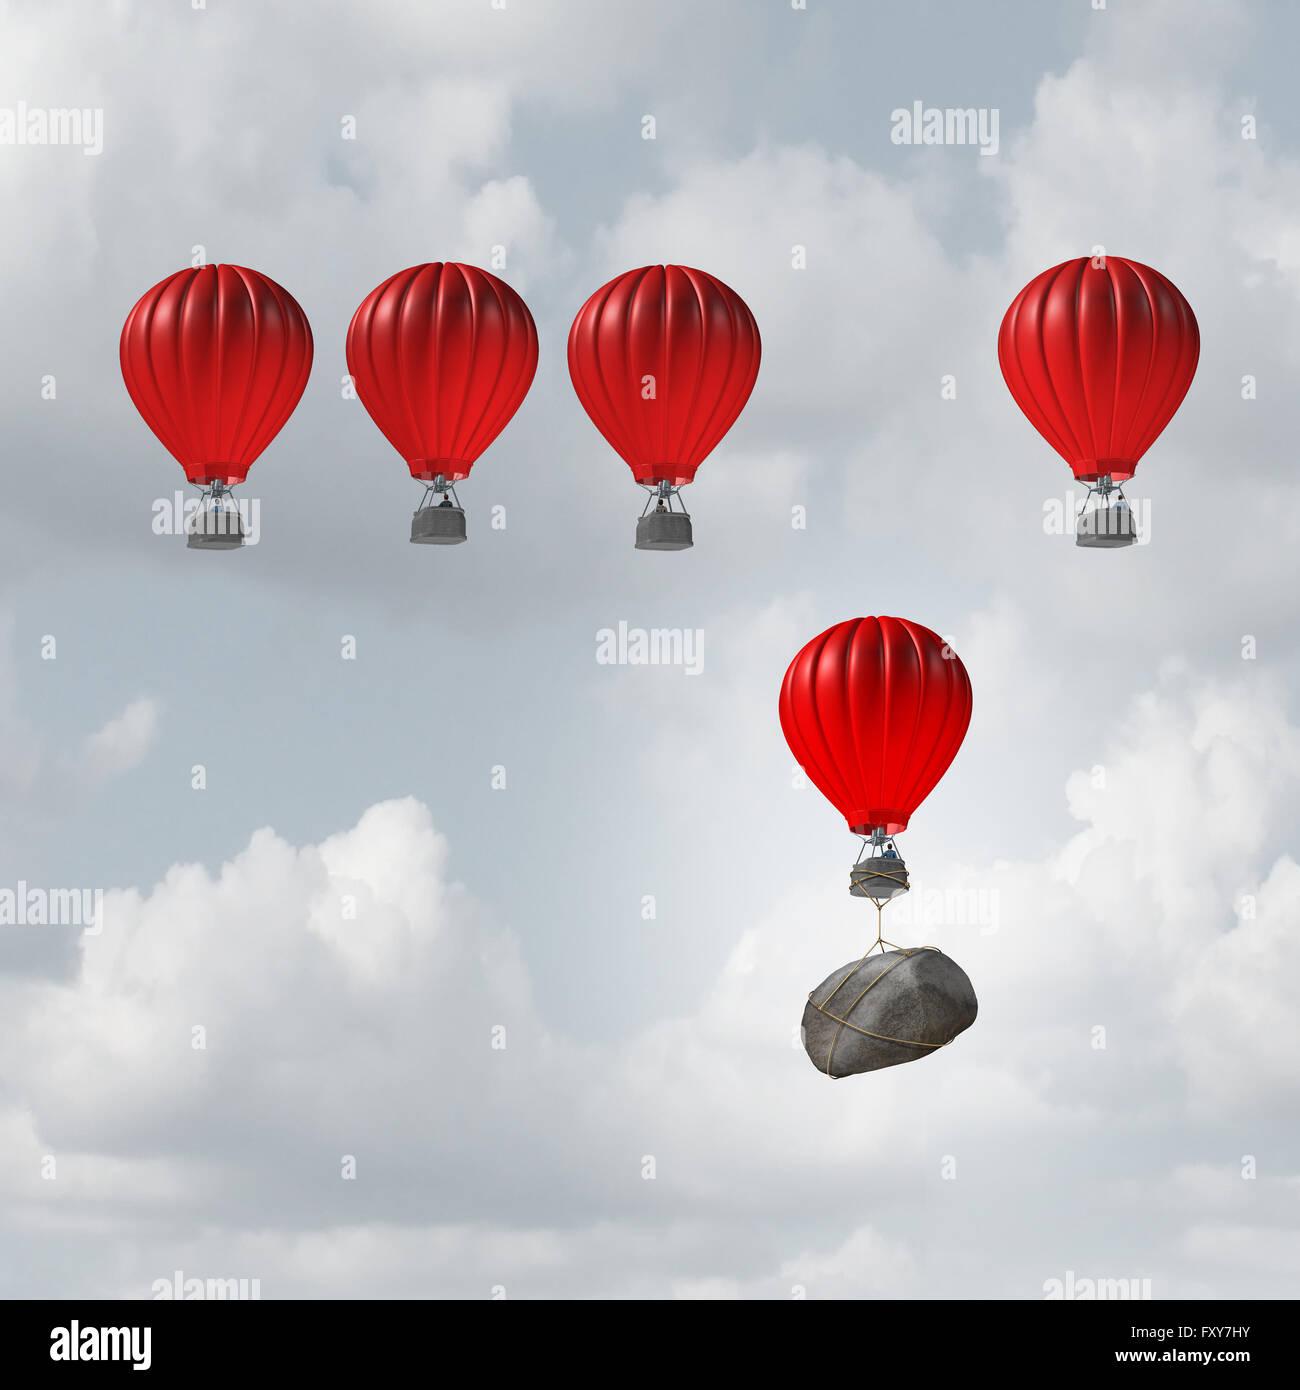 Wettbewerbsfähige Kampf und Business Benachteiligung oder Behinderung Konzept als eine Gruppe von Heißluftballons Stockbild